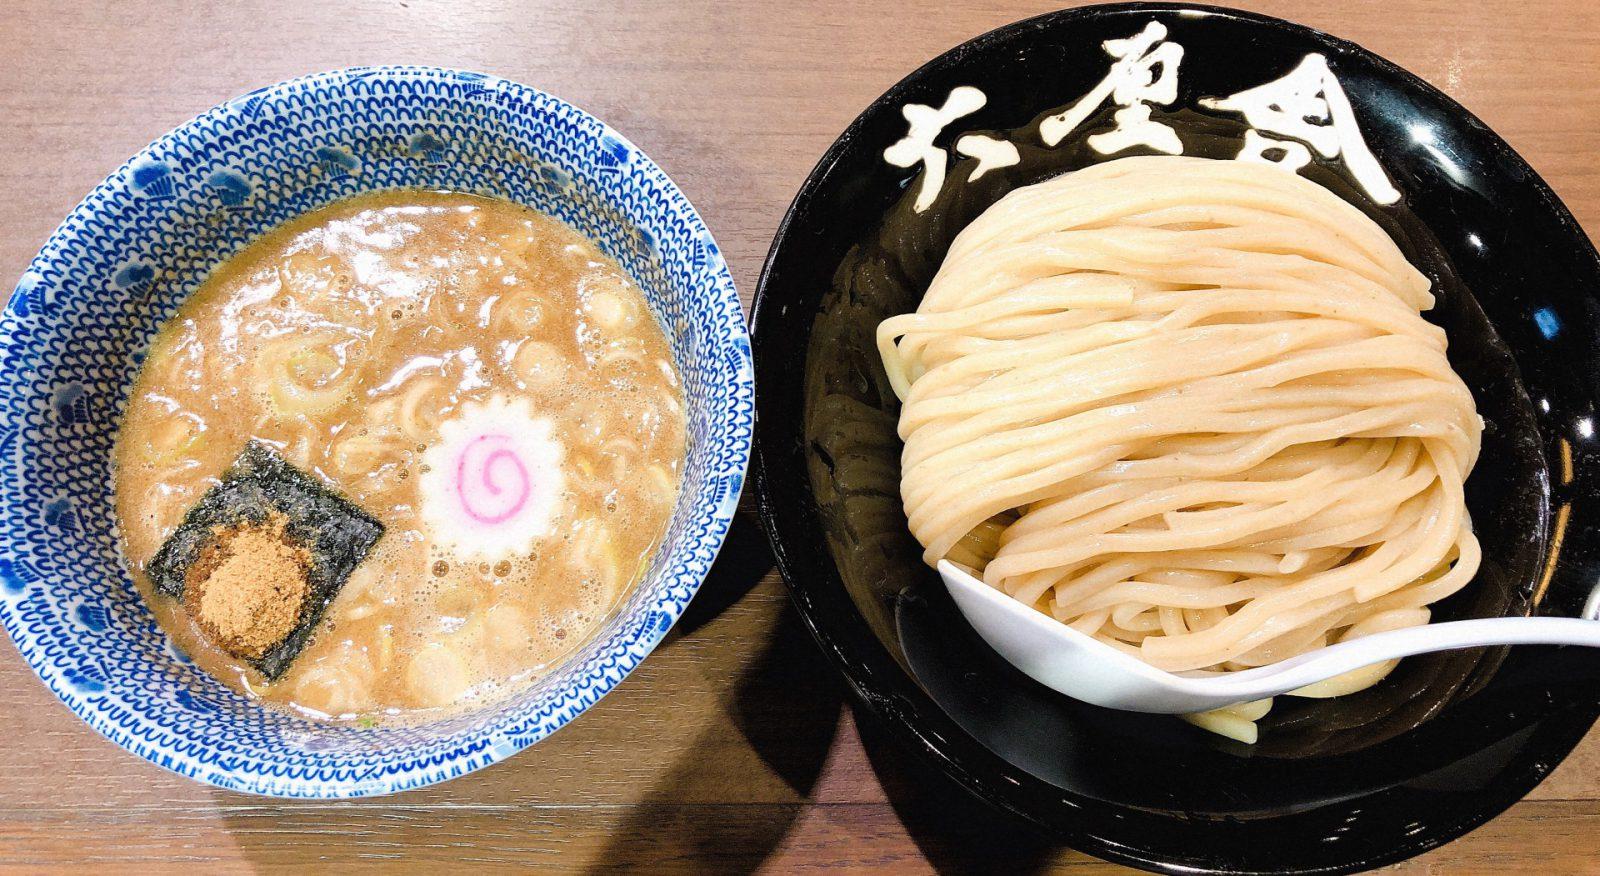 東京車站美食, 【東京美食】2020東京車站10大必吃美食(精選拉麵、海膽、烤牛舌)